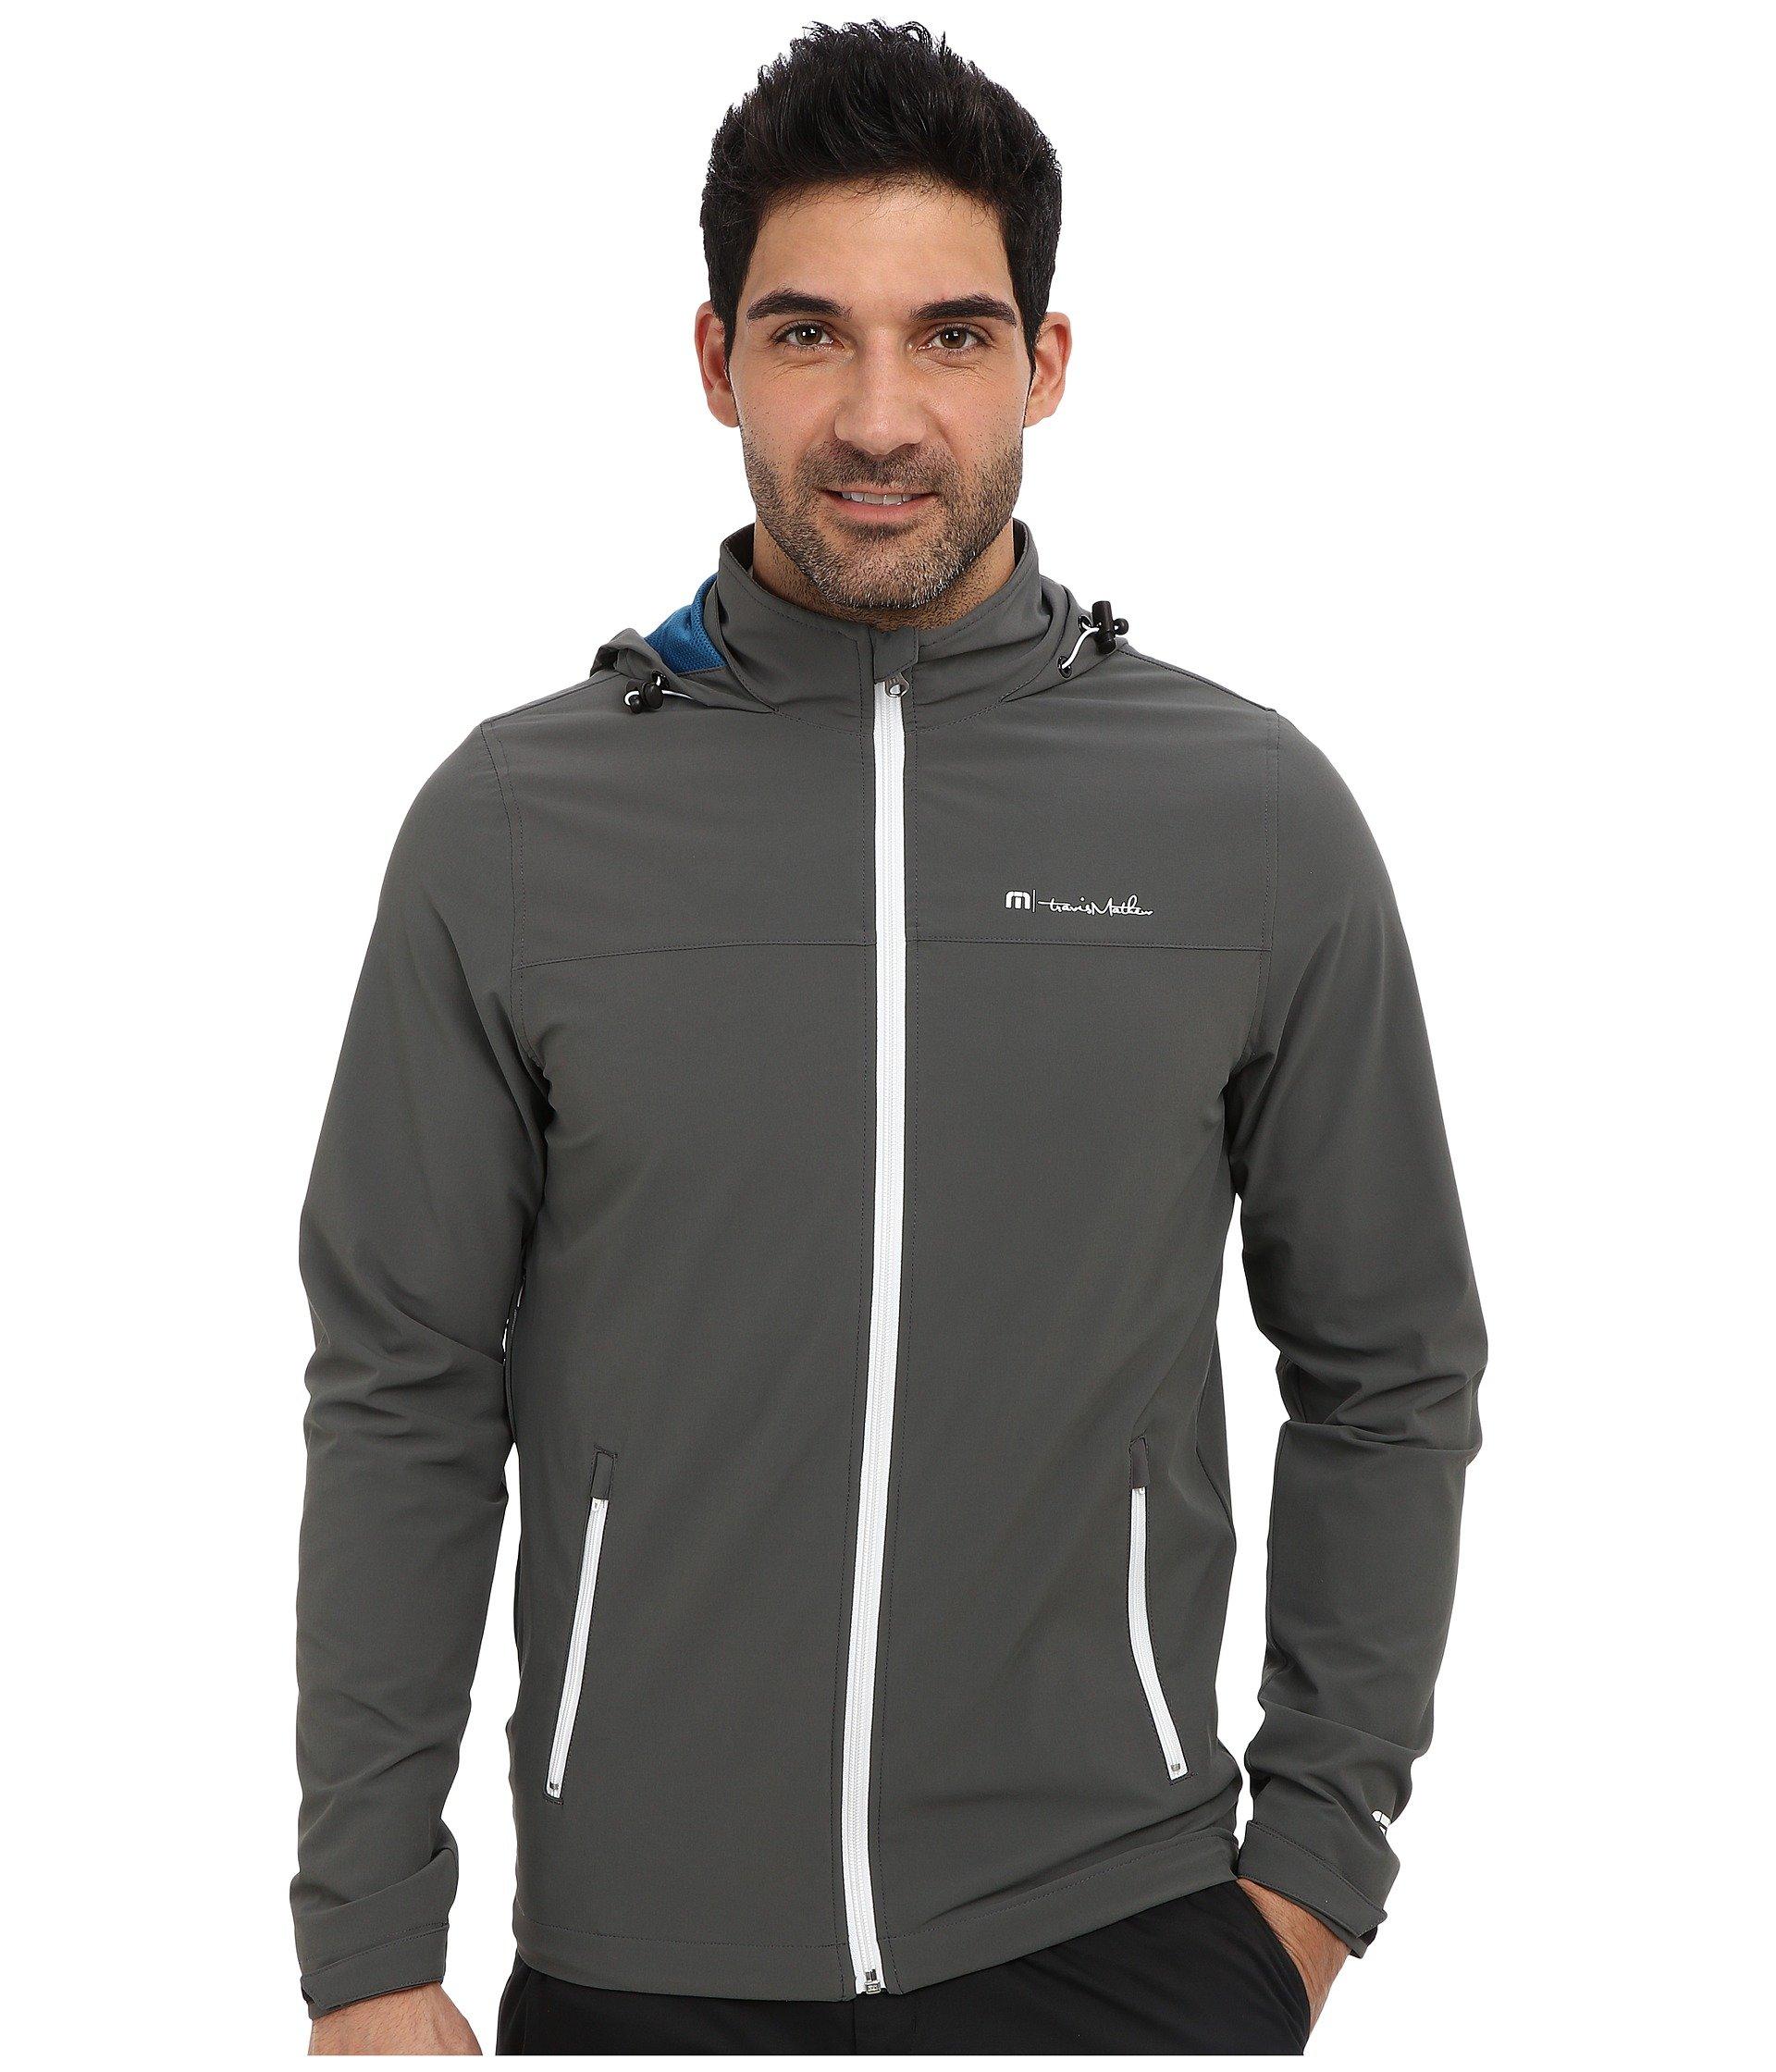 Travis Mathew Men's Delta Jacket, Dark Grey, Small by Travis Mathew